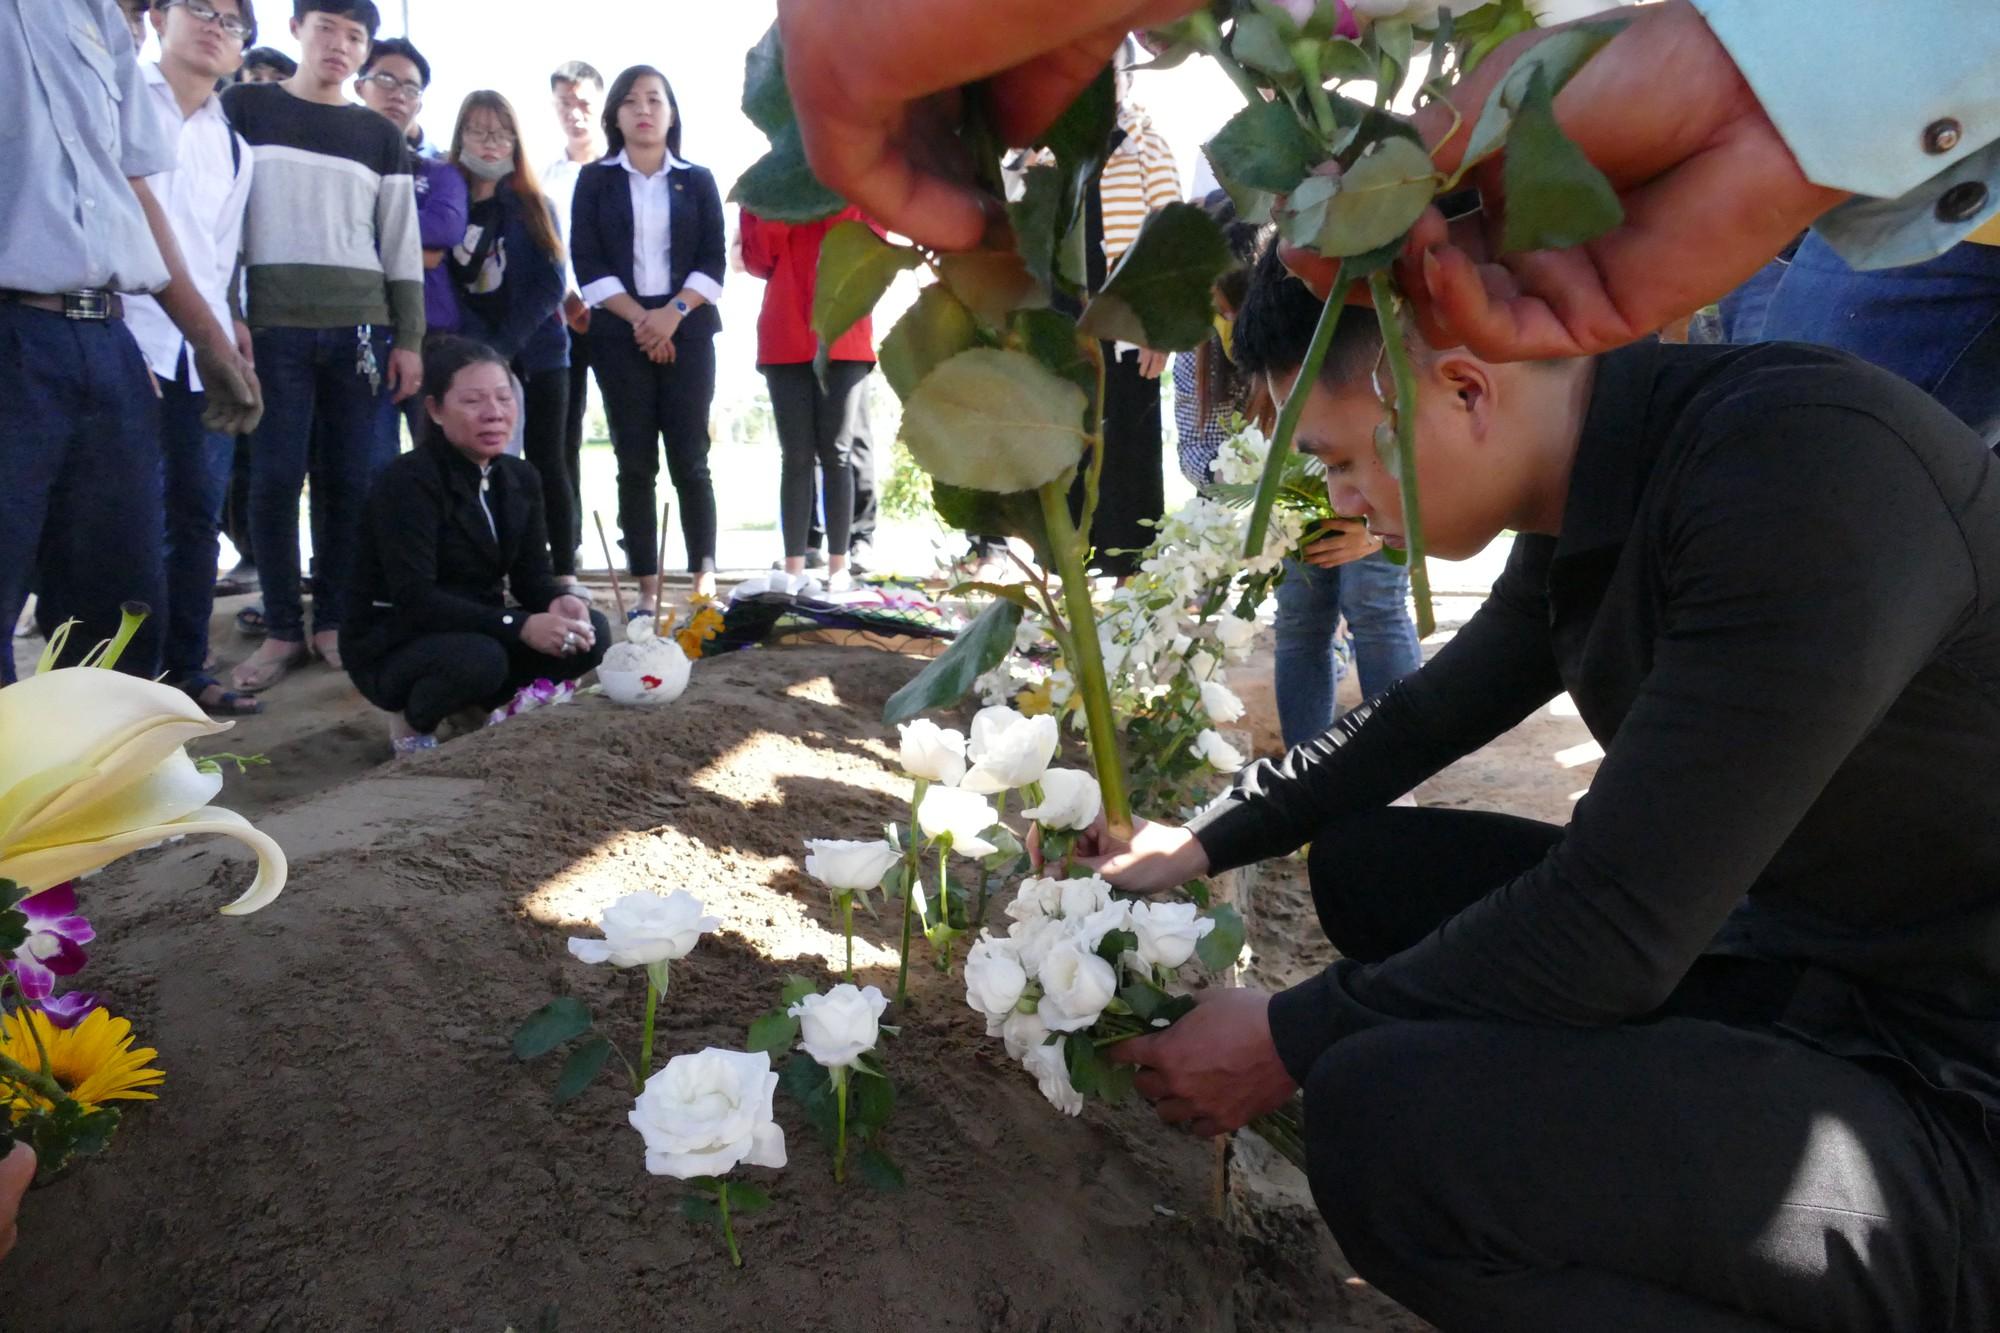 Người vợ chưa kịp mặc áo cưới của hiệp sĩ bị đâm tử vong ở Sài Gòn khóc nghẹn trong lễ tang chồng  - Ảnh 13.